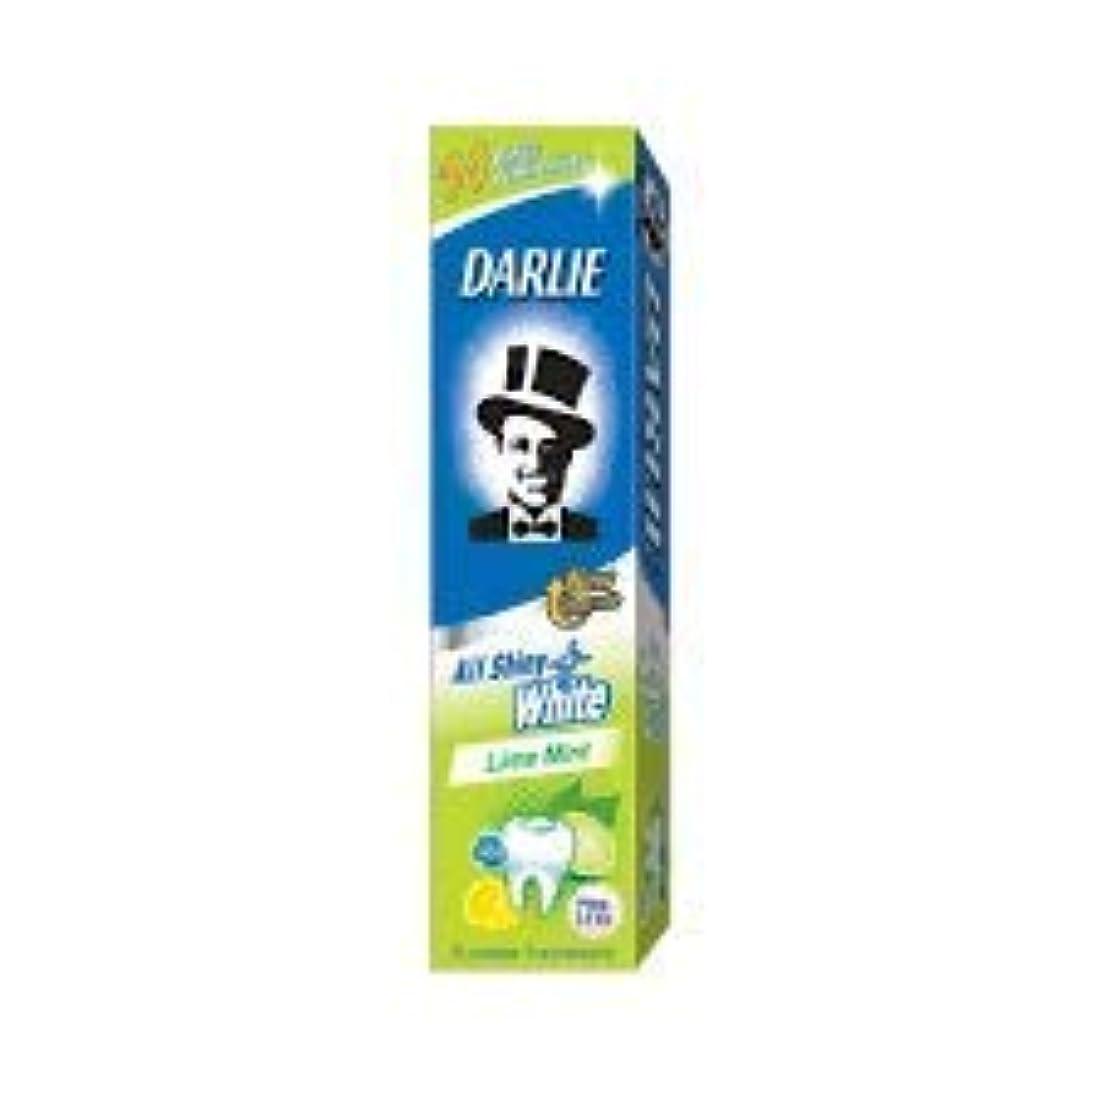 漏斗未知のコンパクトDARLIE 歯磨き粉すべての光沢のあるホワイトライムミント140g - 虫歯と戦い、歯を保護するフッ化物を含みます